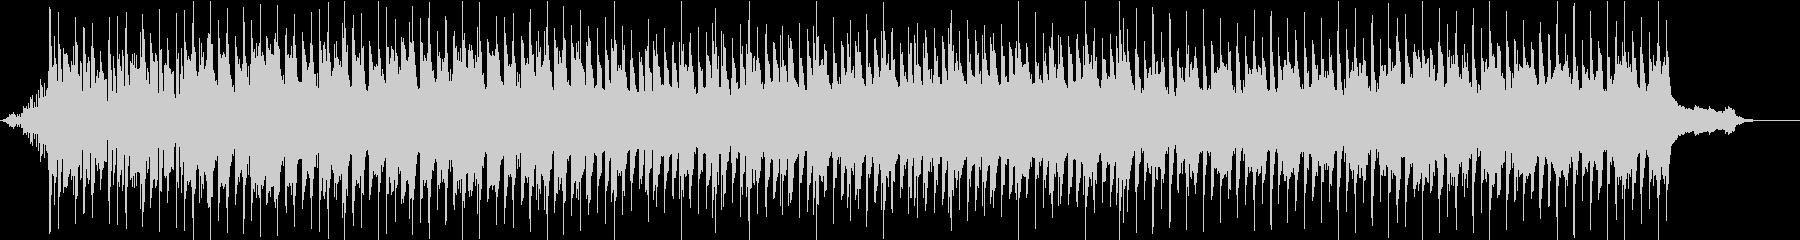 コンセプトアルバム:メインキャラク...の未再生の波形